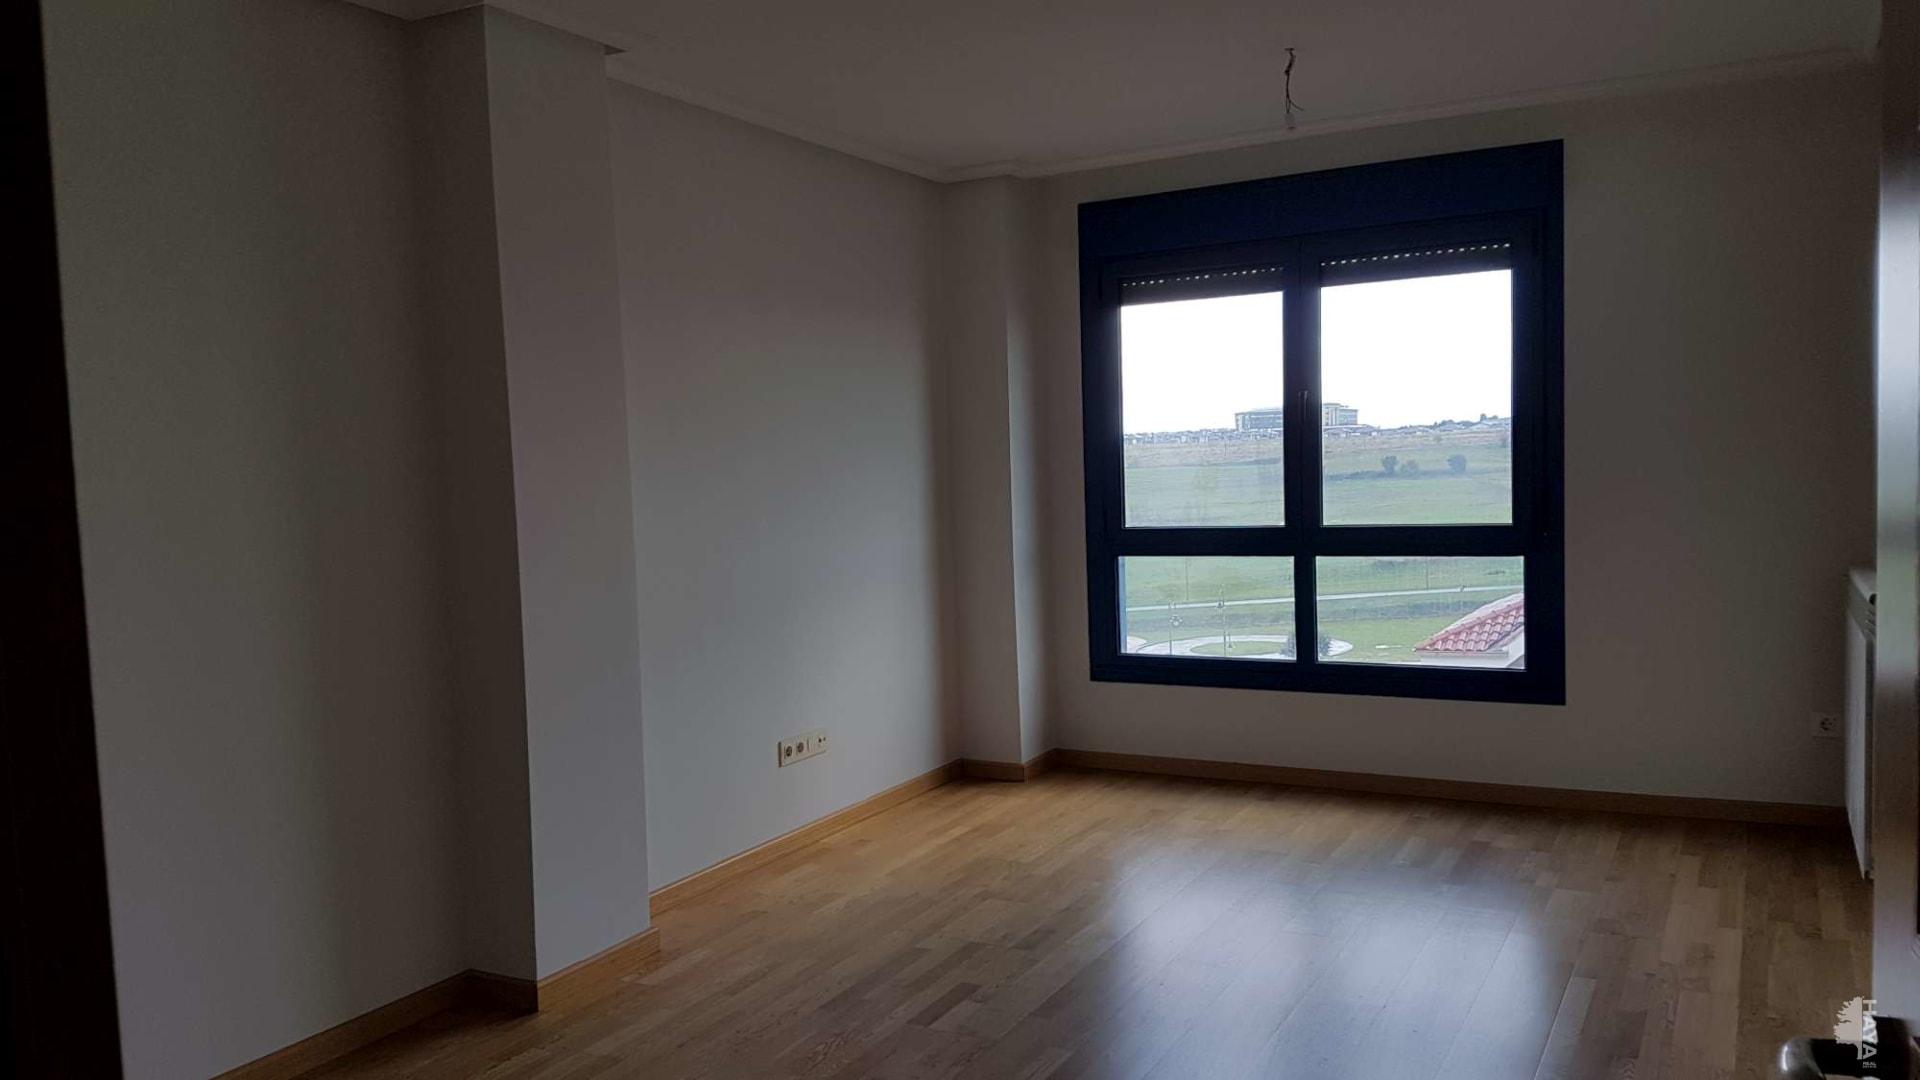 Piso en venta en Favila, Corvera de Asturias, Asturias, Pasaje Manzano Del, 81.000 €, 2 habitaciones, 1 baño, 72 m2